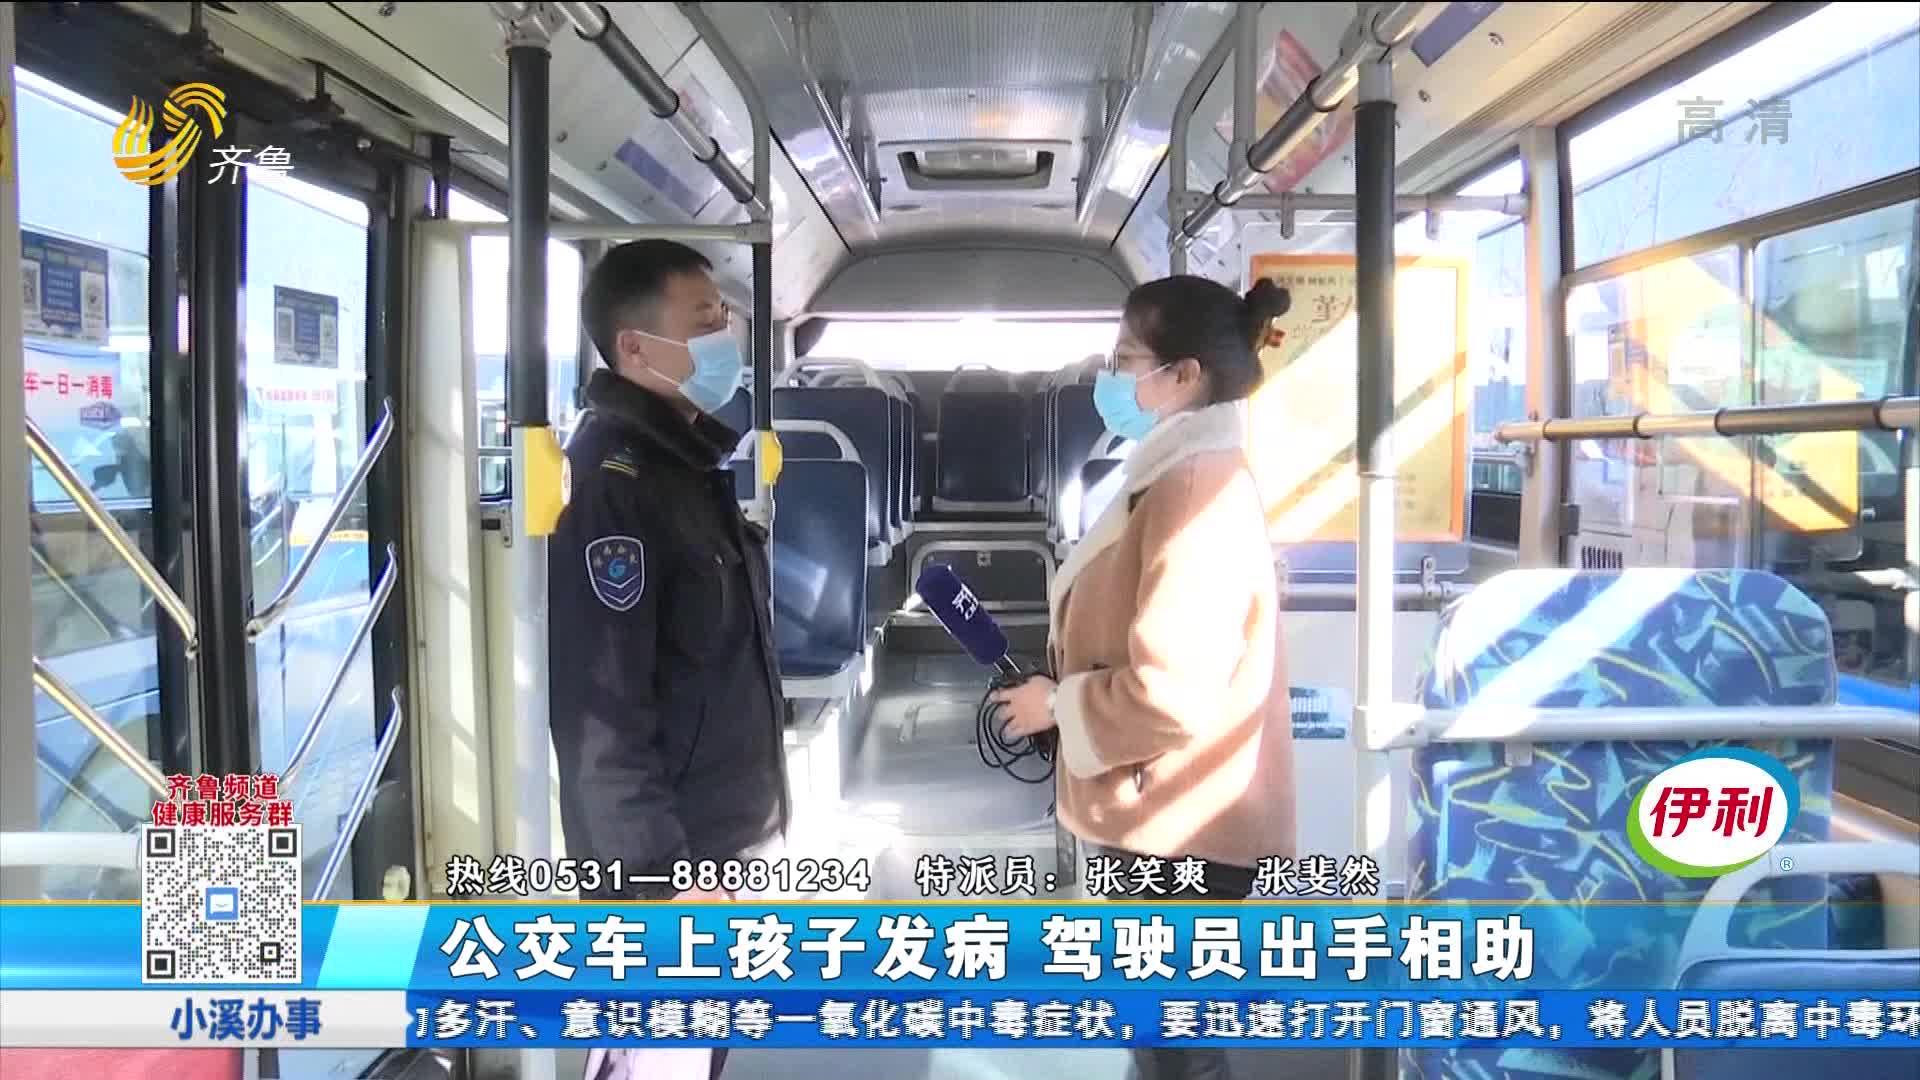 公交车上孩子发病 驾驶员出手相助